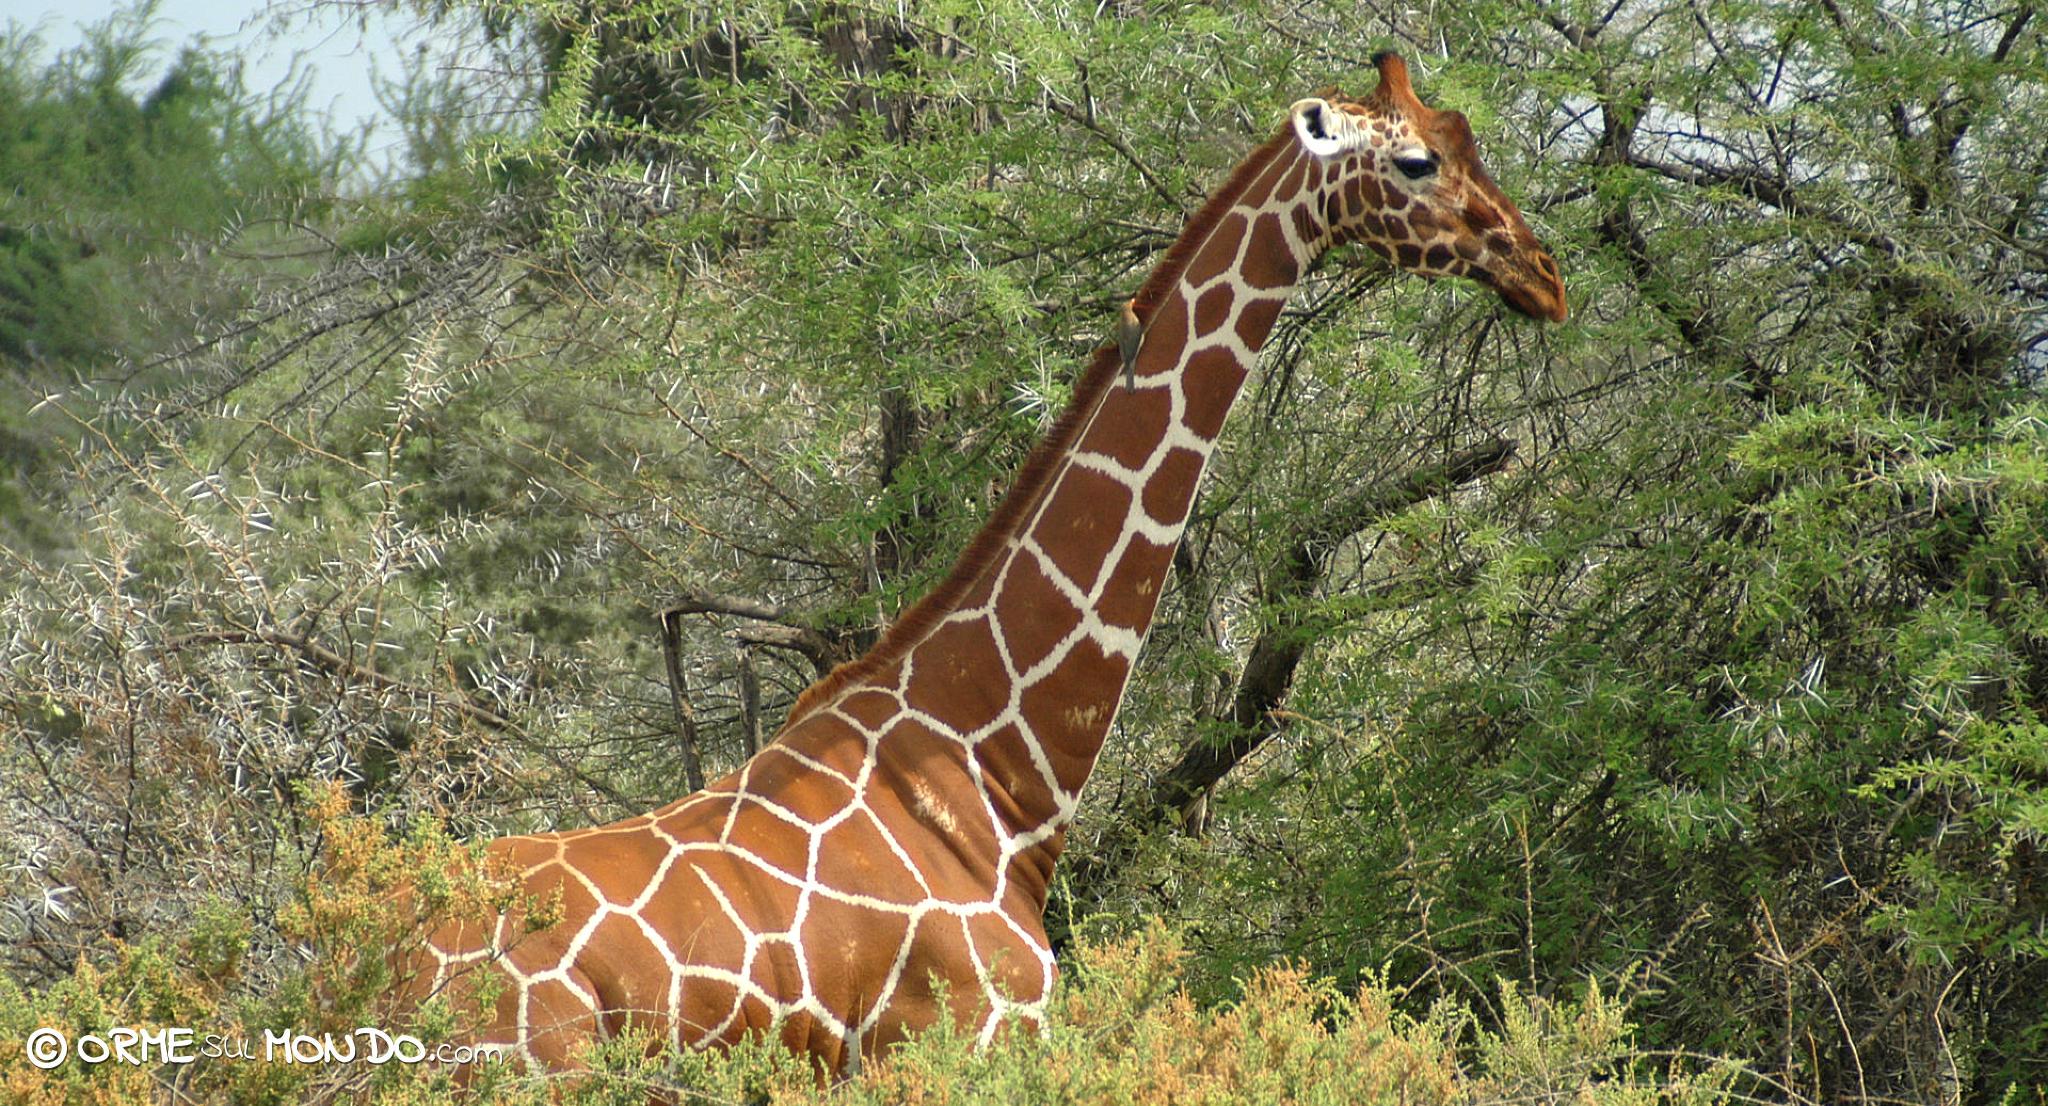 Una giraffa si mimetizza con la vegetazione allo Shaba National Park